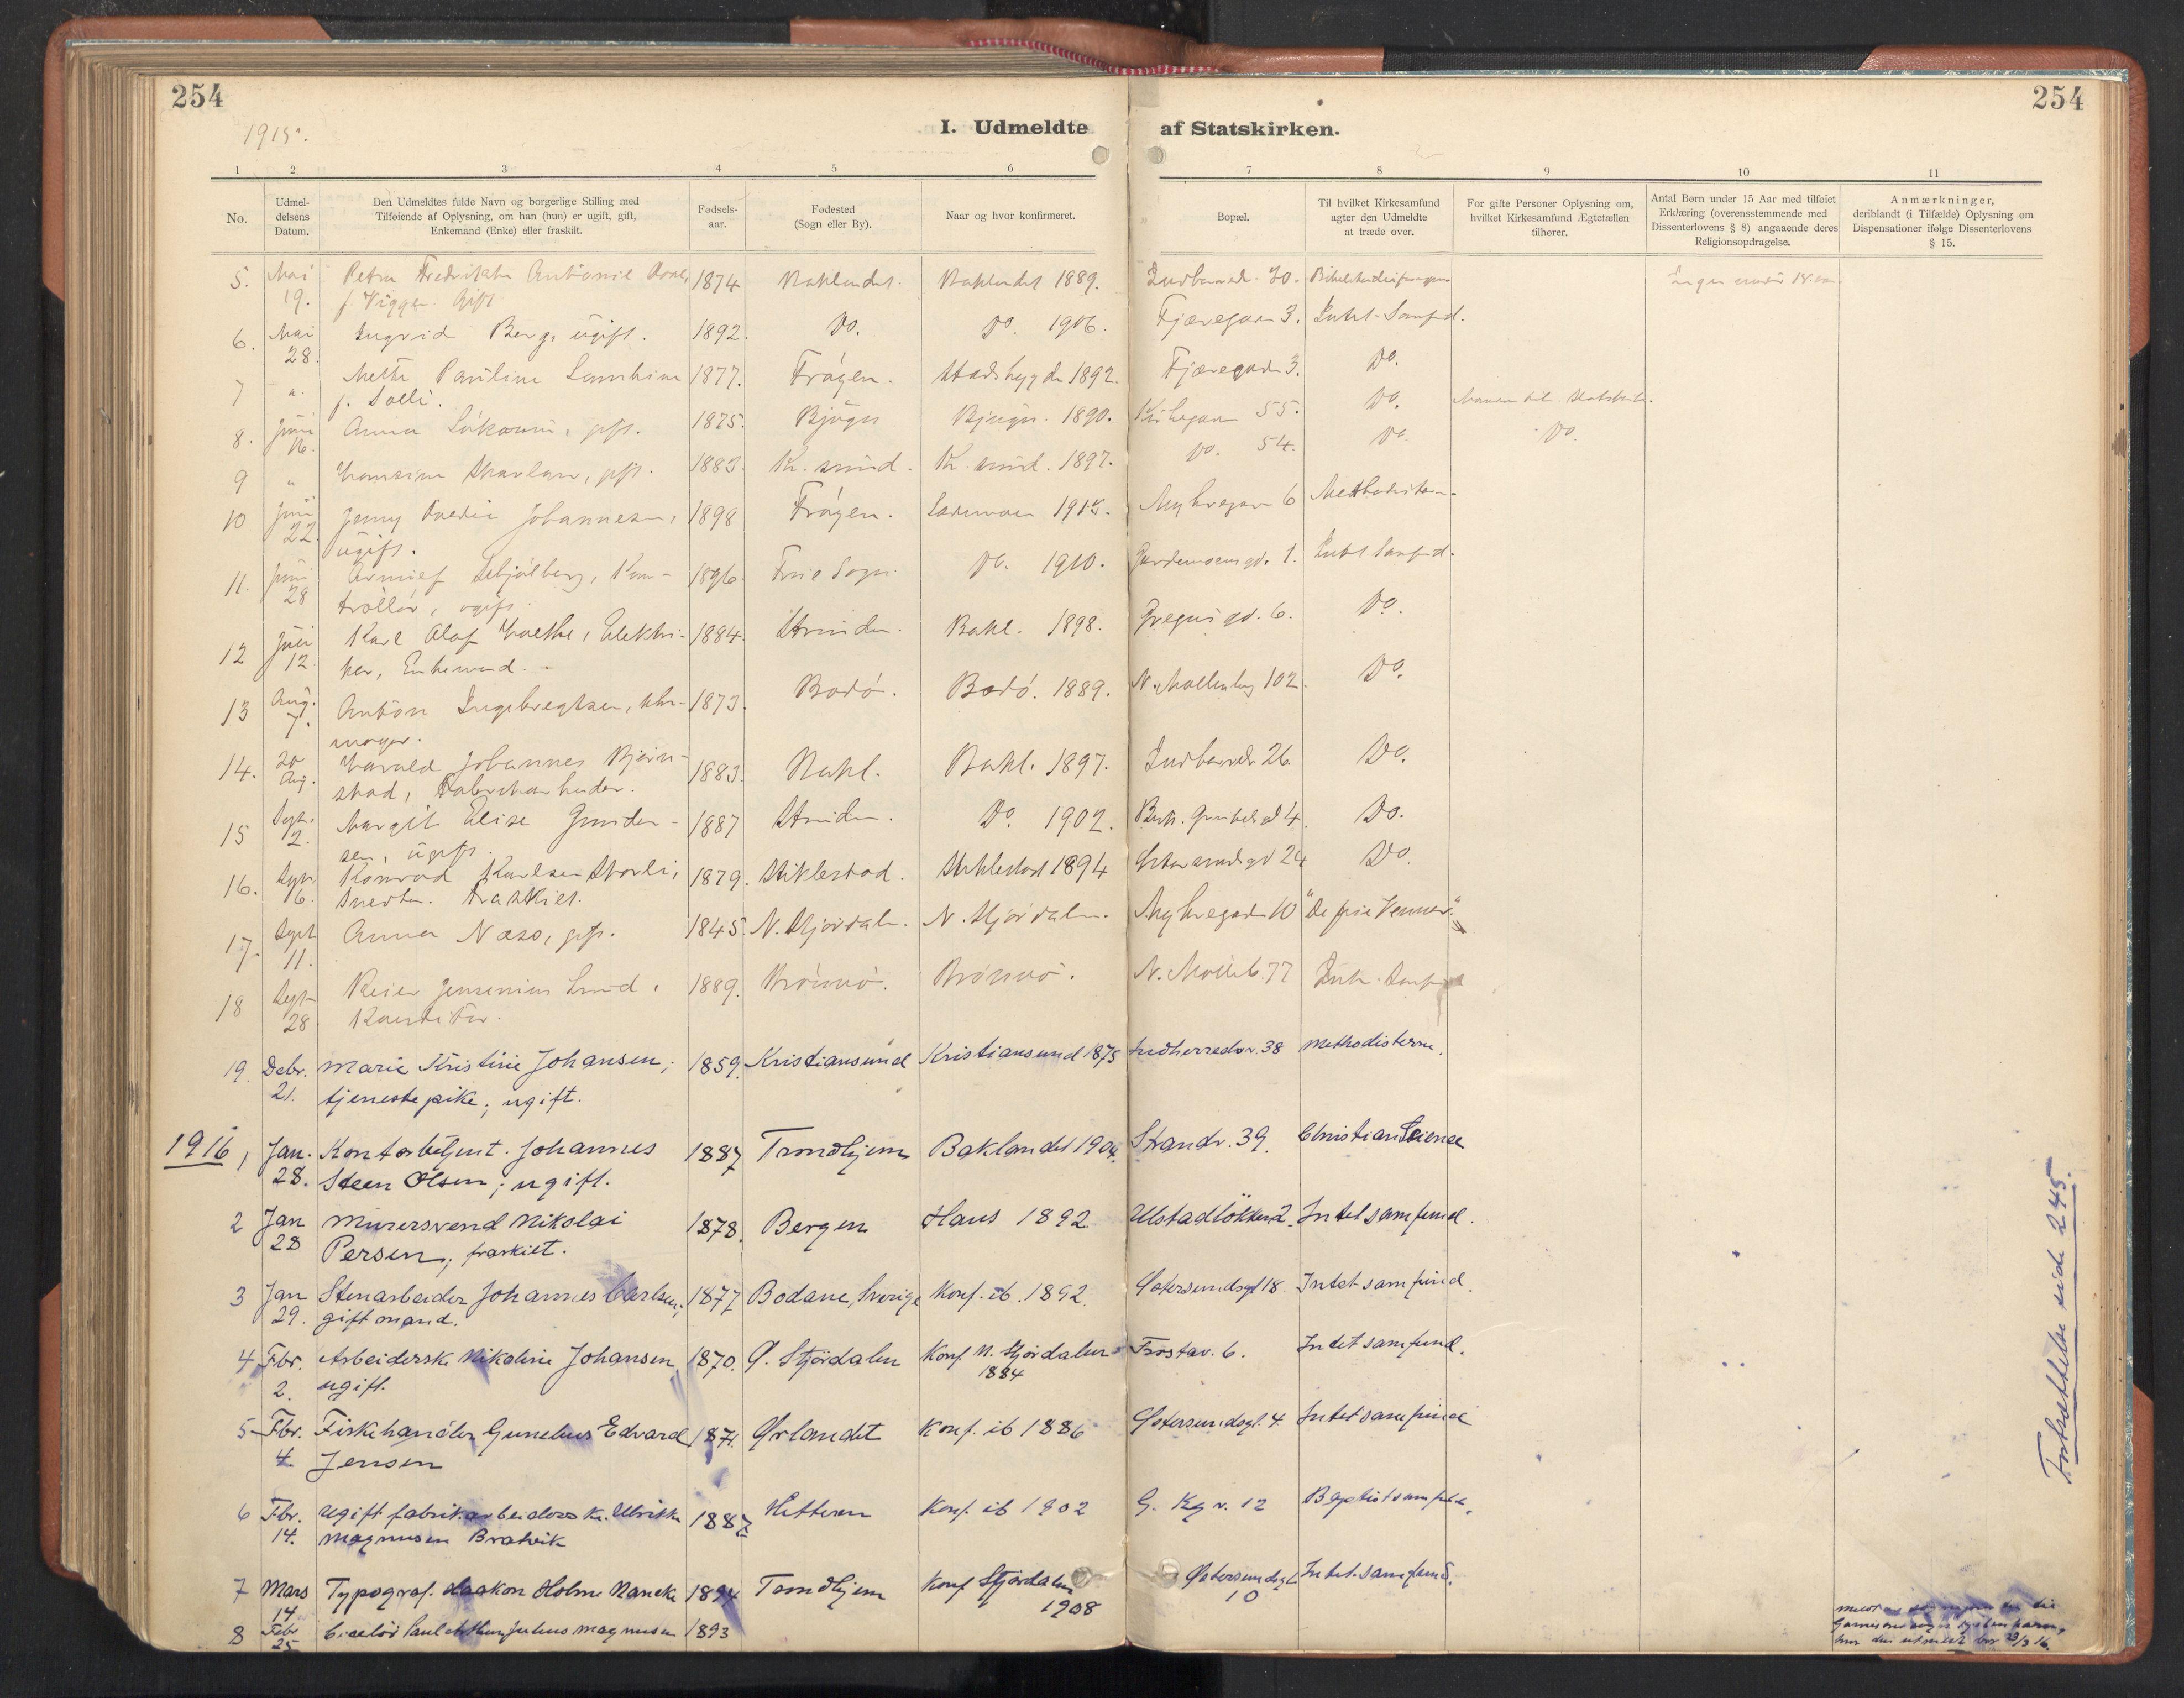 SAT, Ministerialprotokoller, klokkerbøker og fødselsregistre - Sør-Trøndelag, 605/L0244: Ministerialbok nr. 605A06, 1908-1954, s. 254